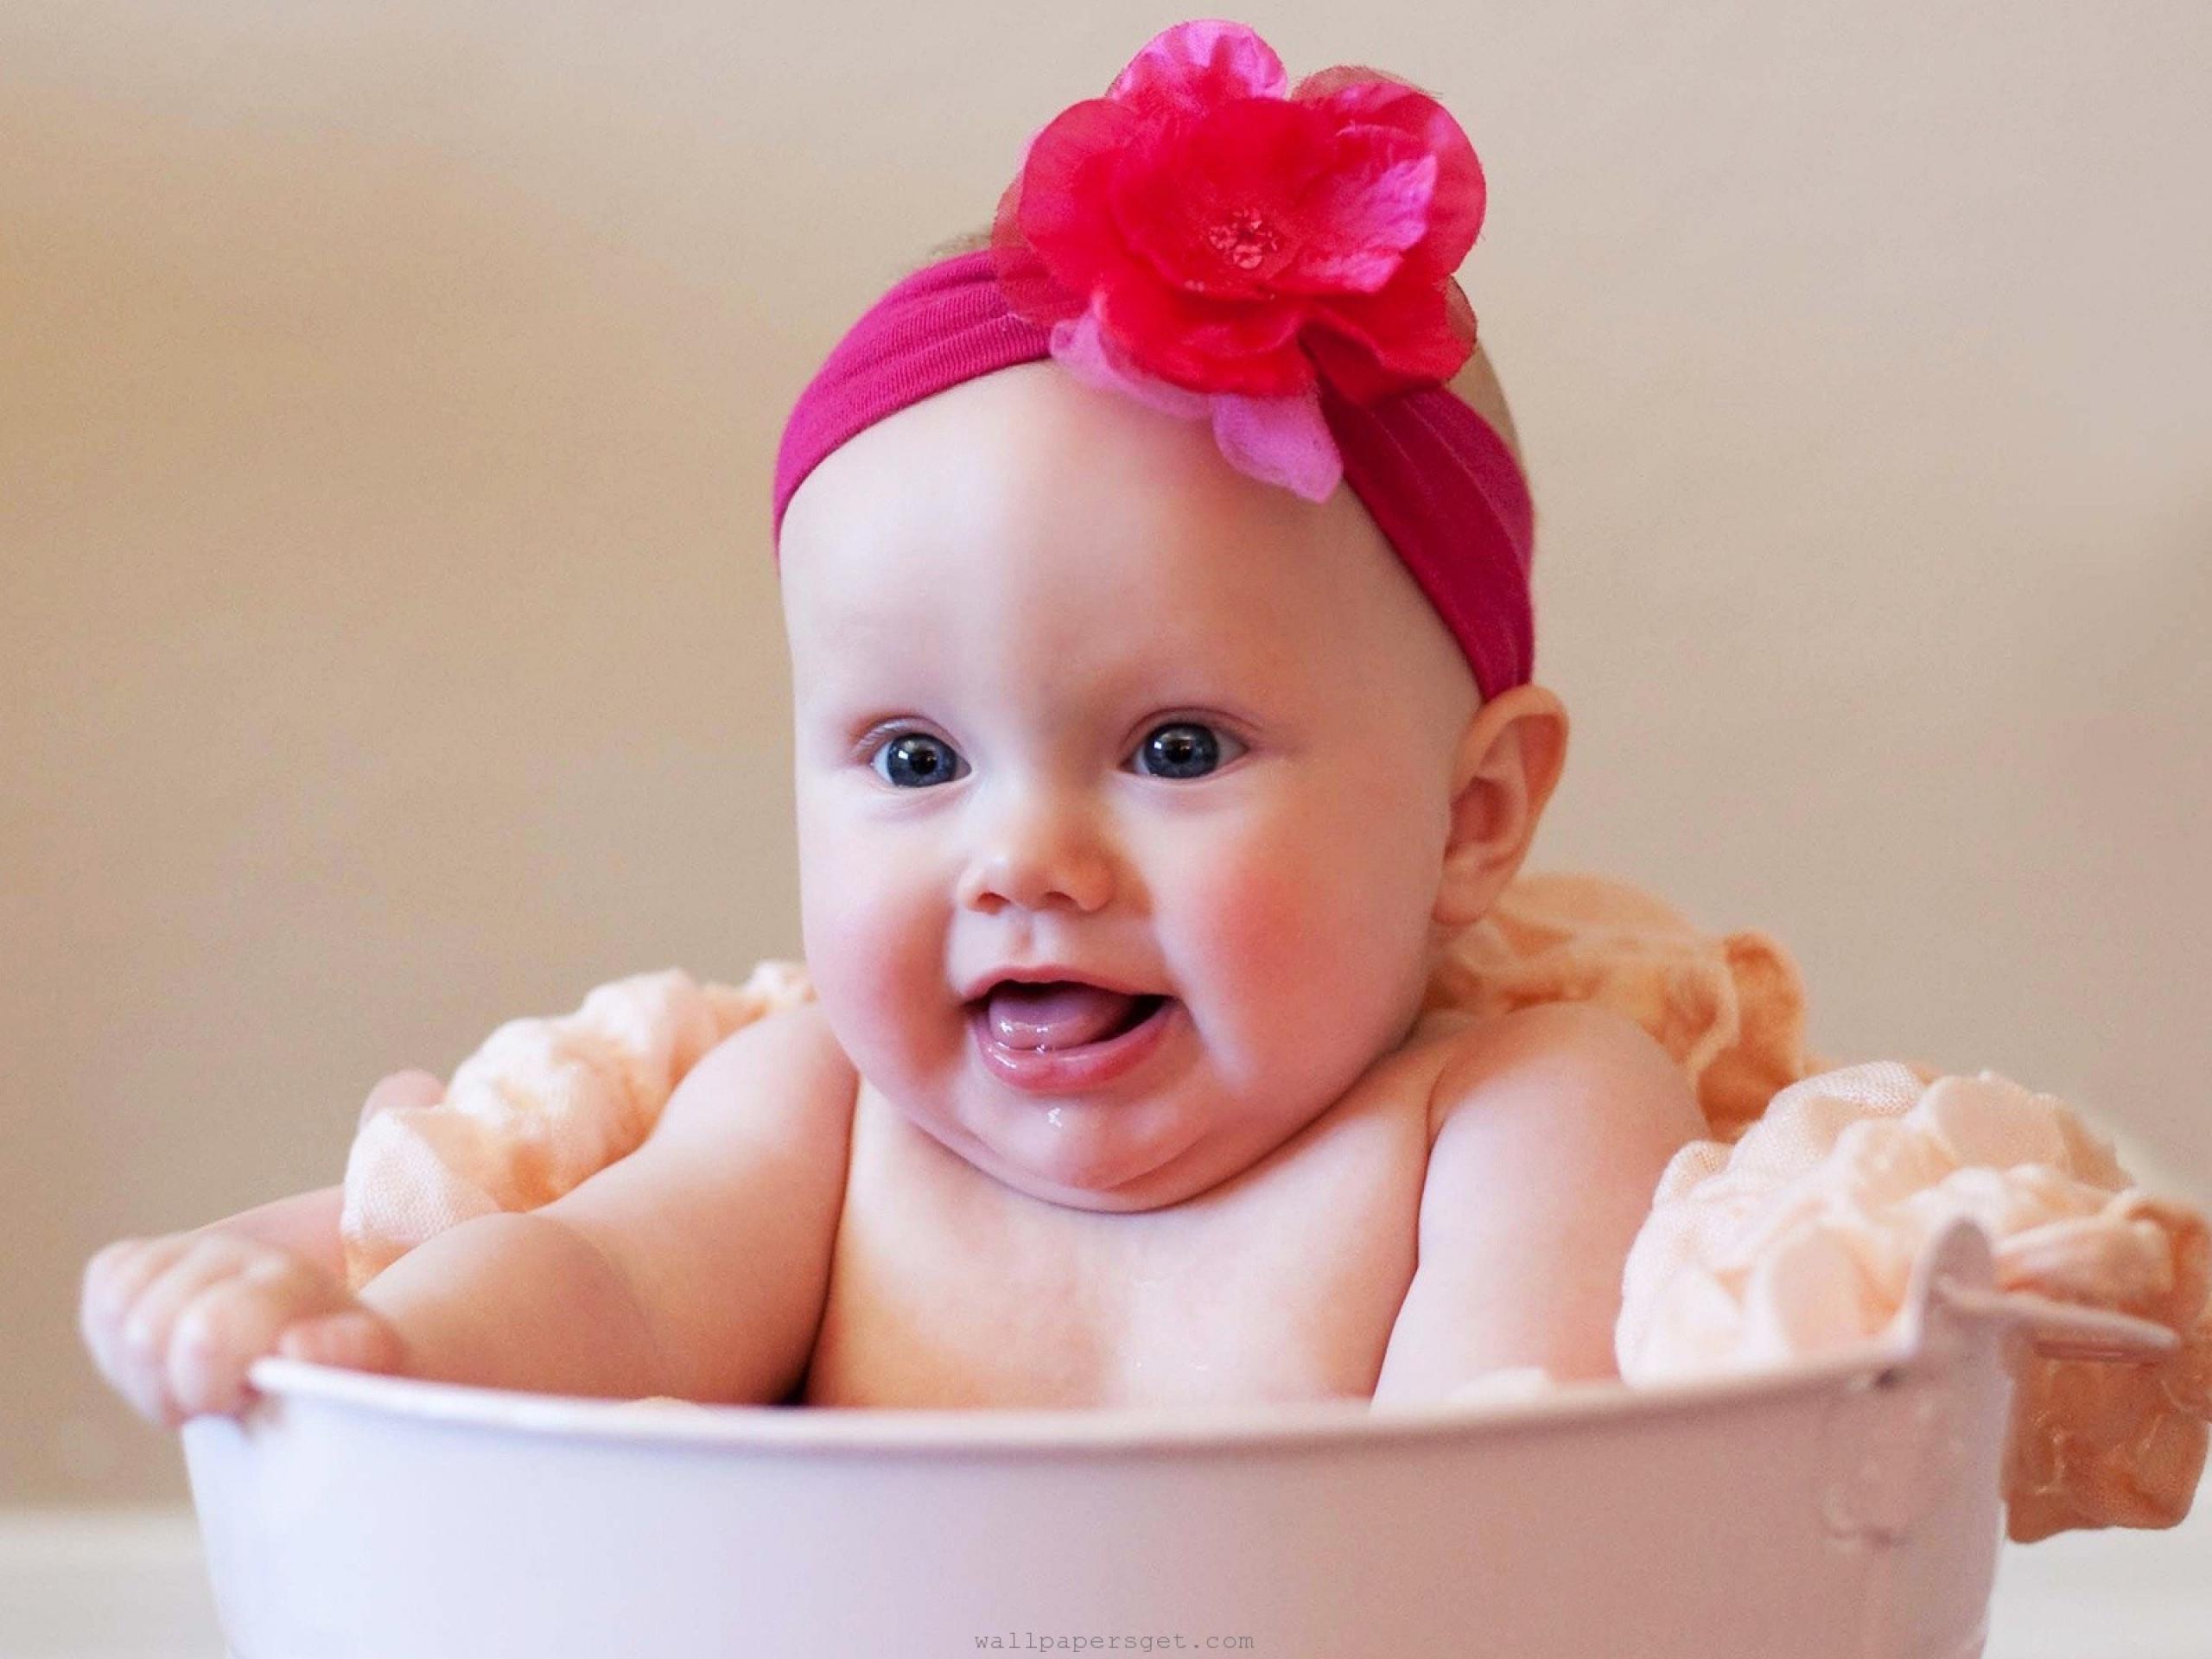 صورة صور مضحكة للاطفال , افضل صور في العالم للاطفال مضحكة